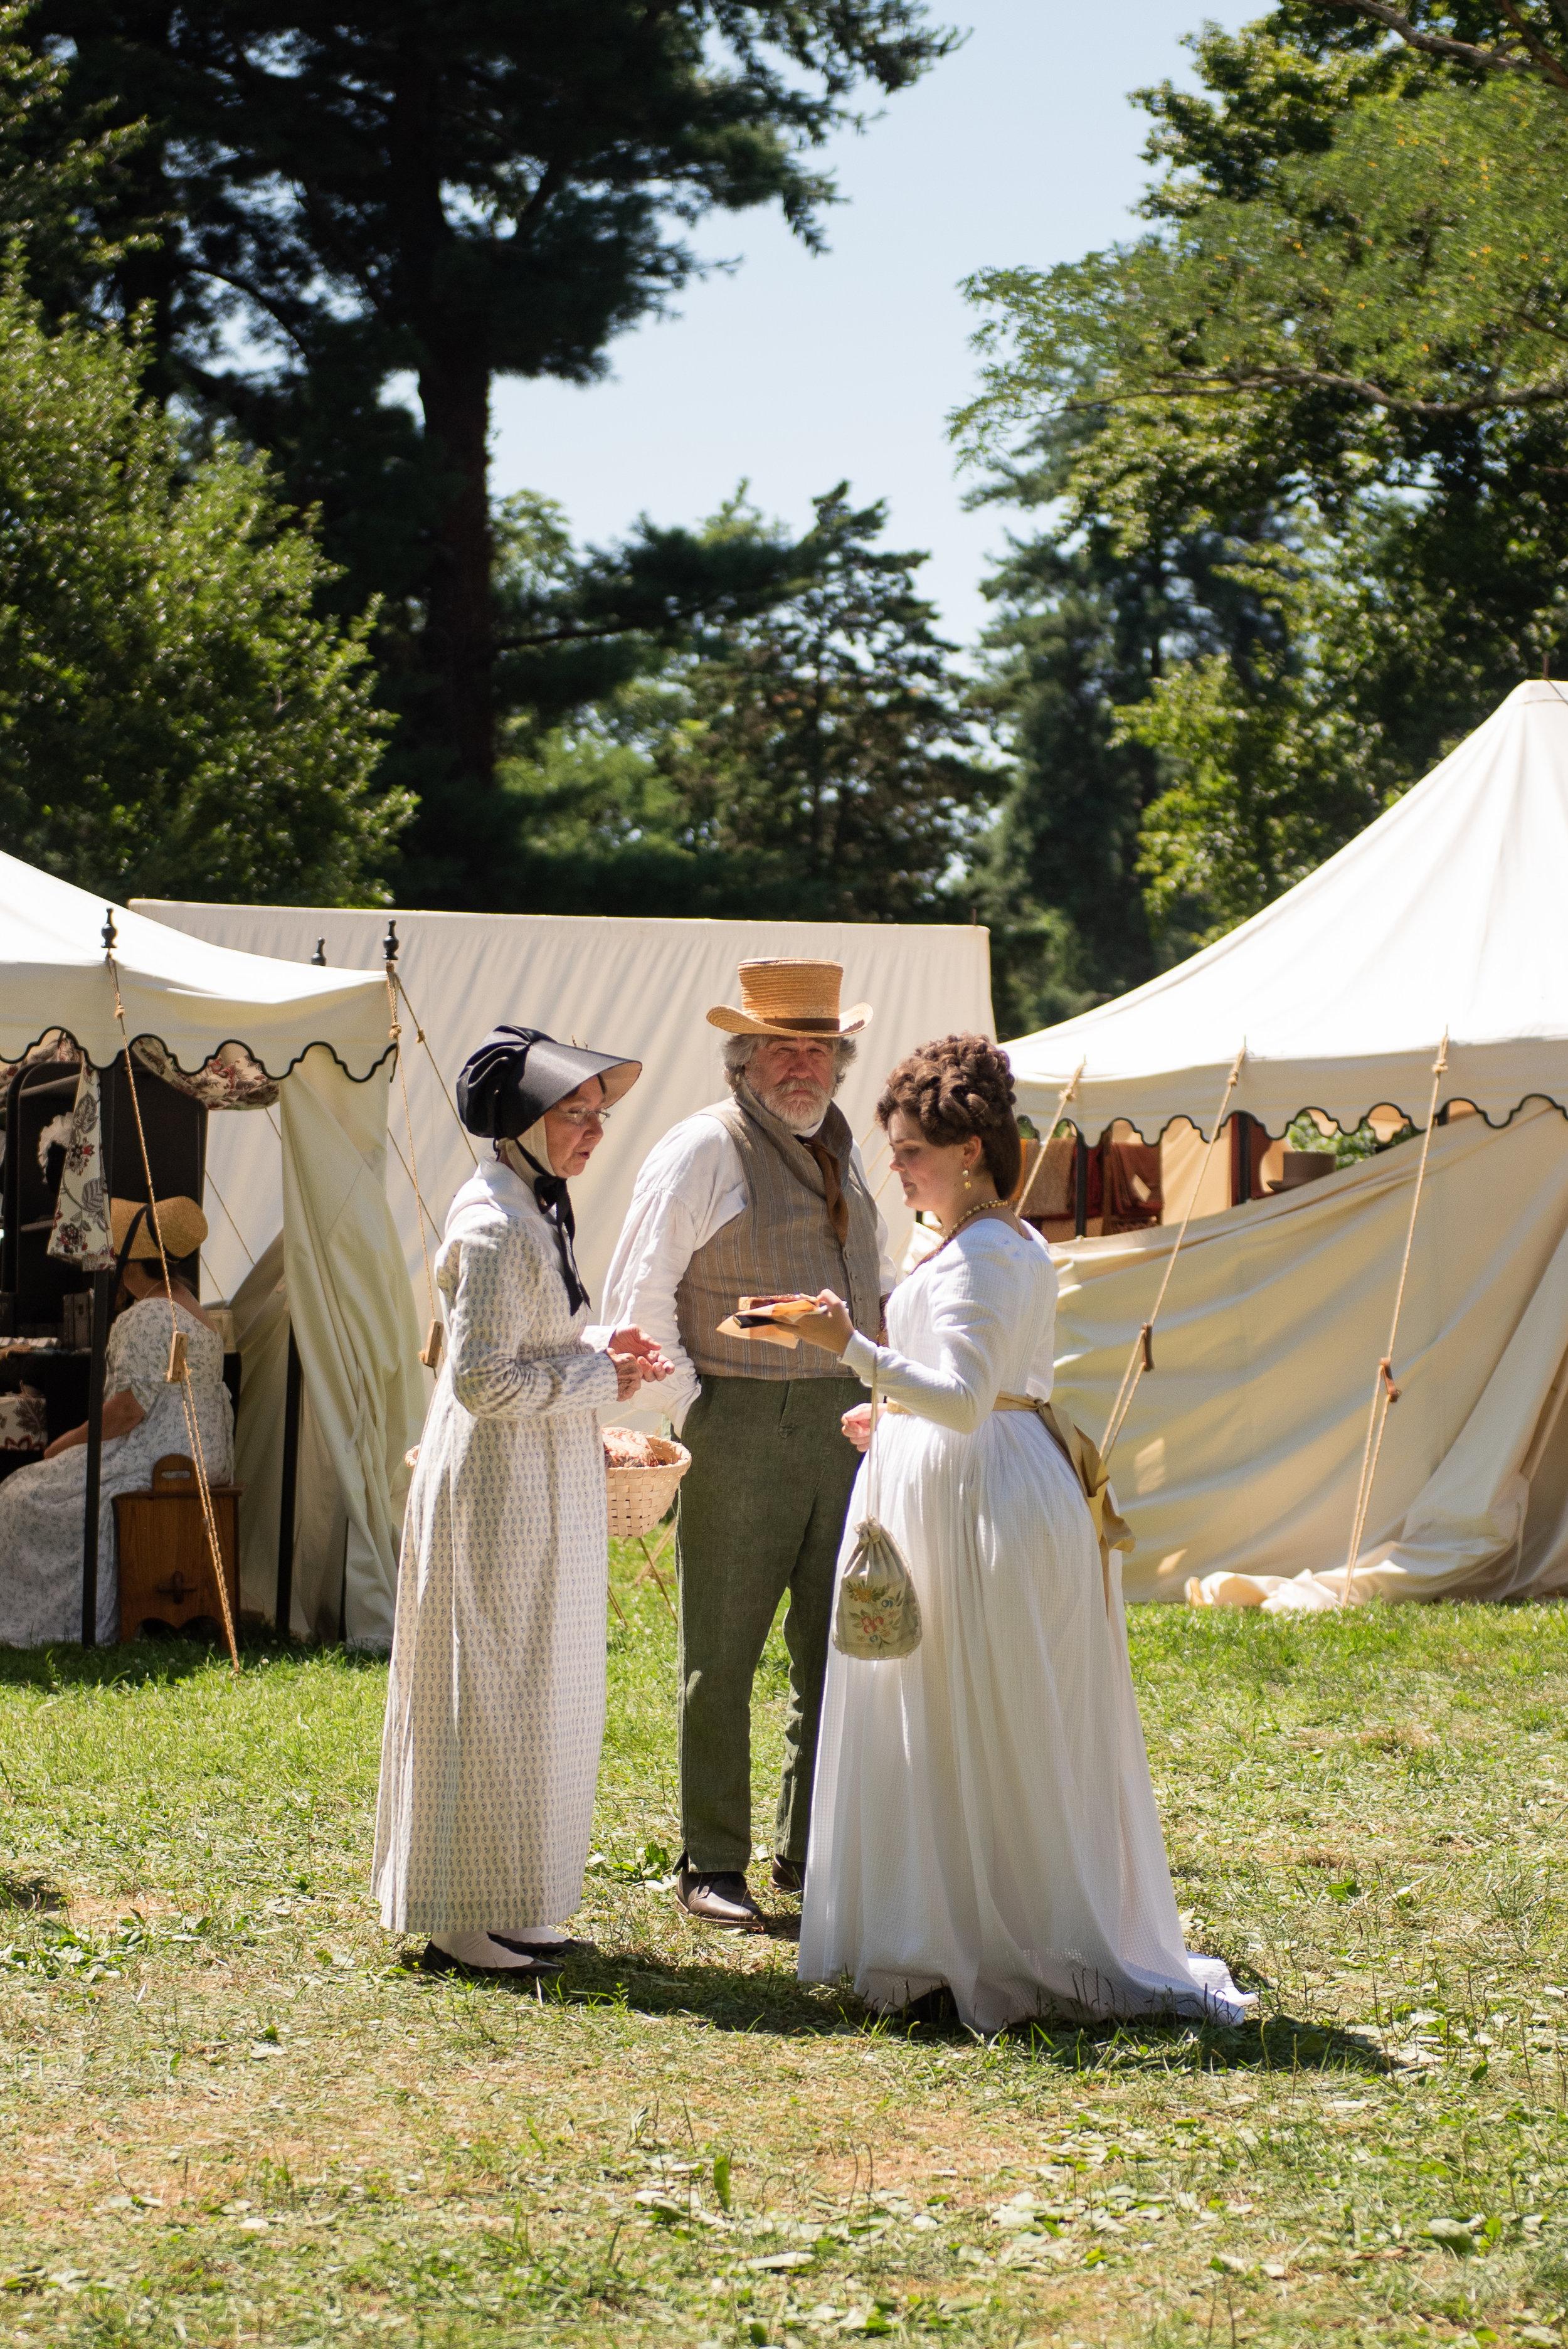 Jane Austen Festival Louisville Kentucky 2019 Federal dress 1780s 1790s style fashion